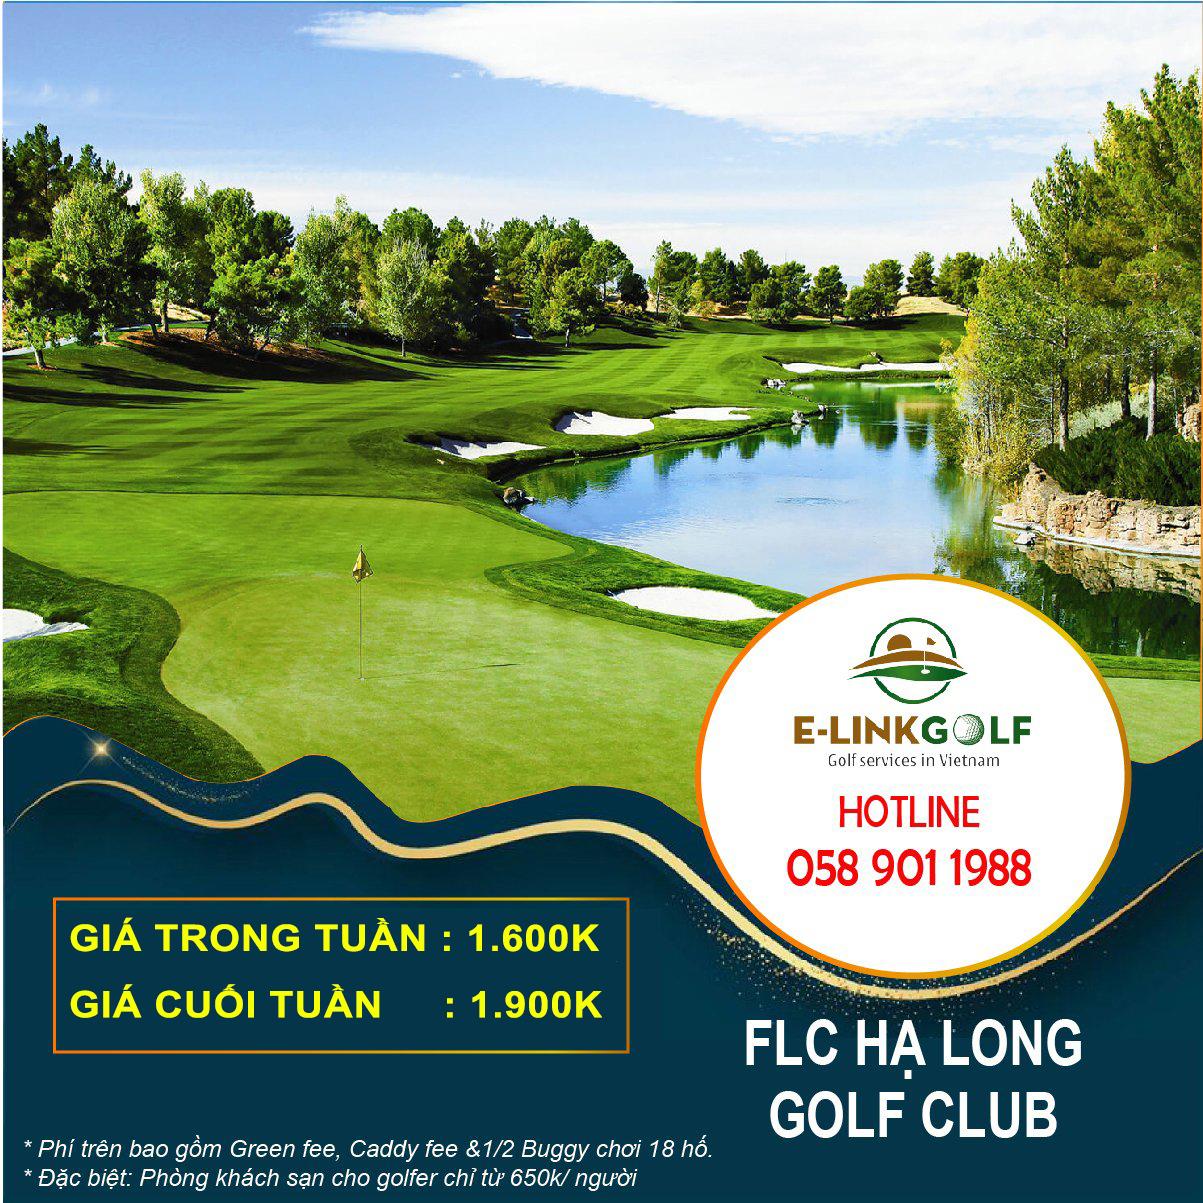 sân golf flc Hạ Long Golf Club